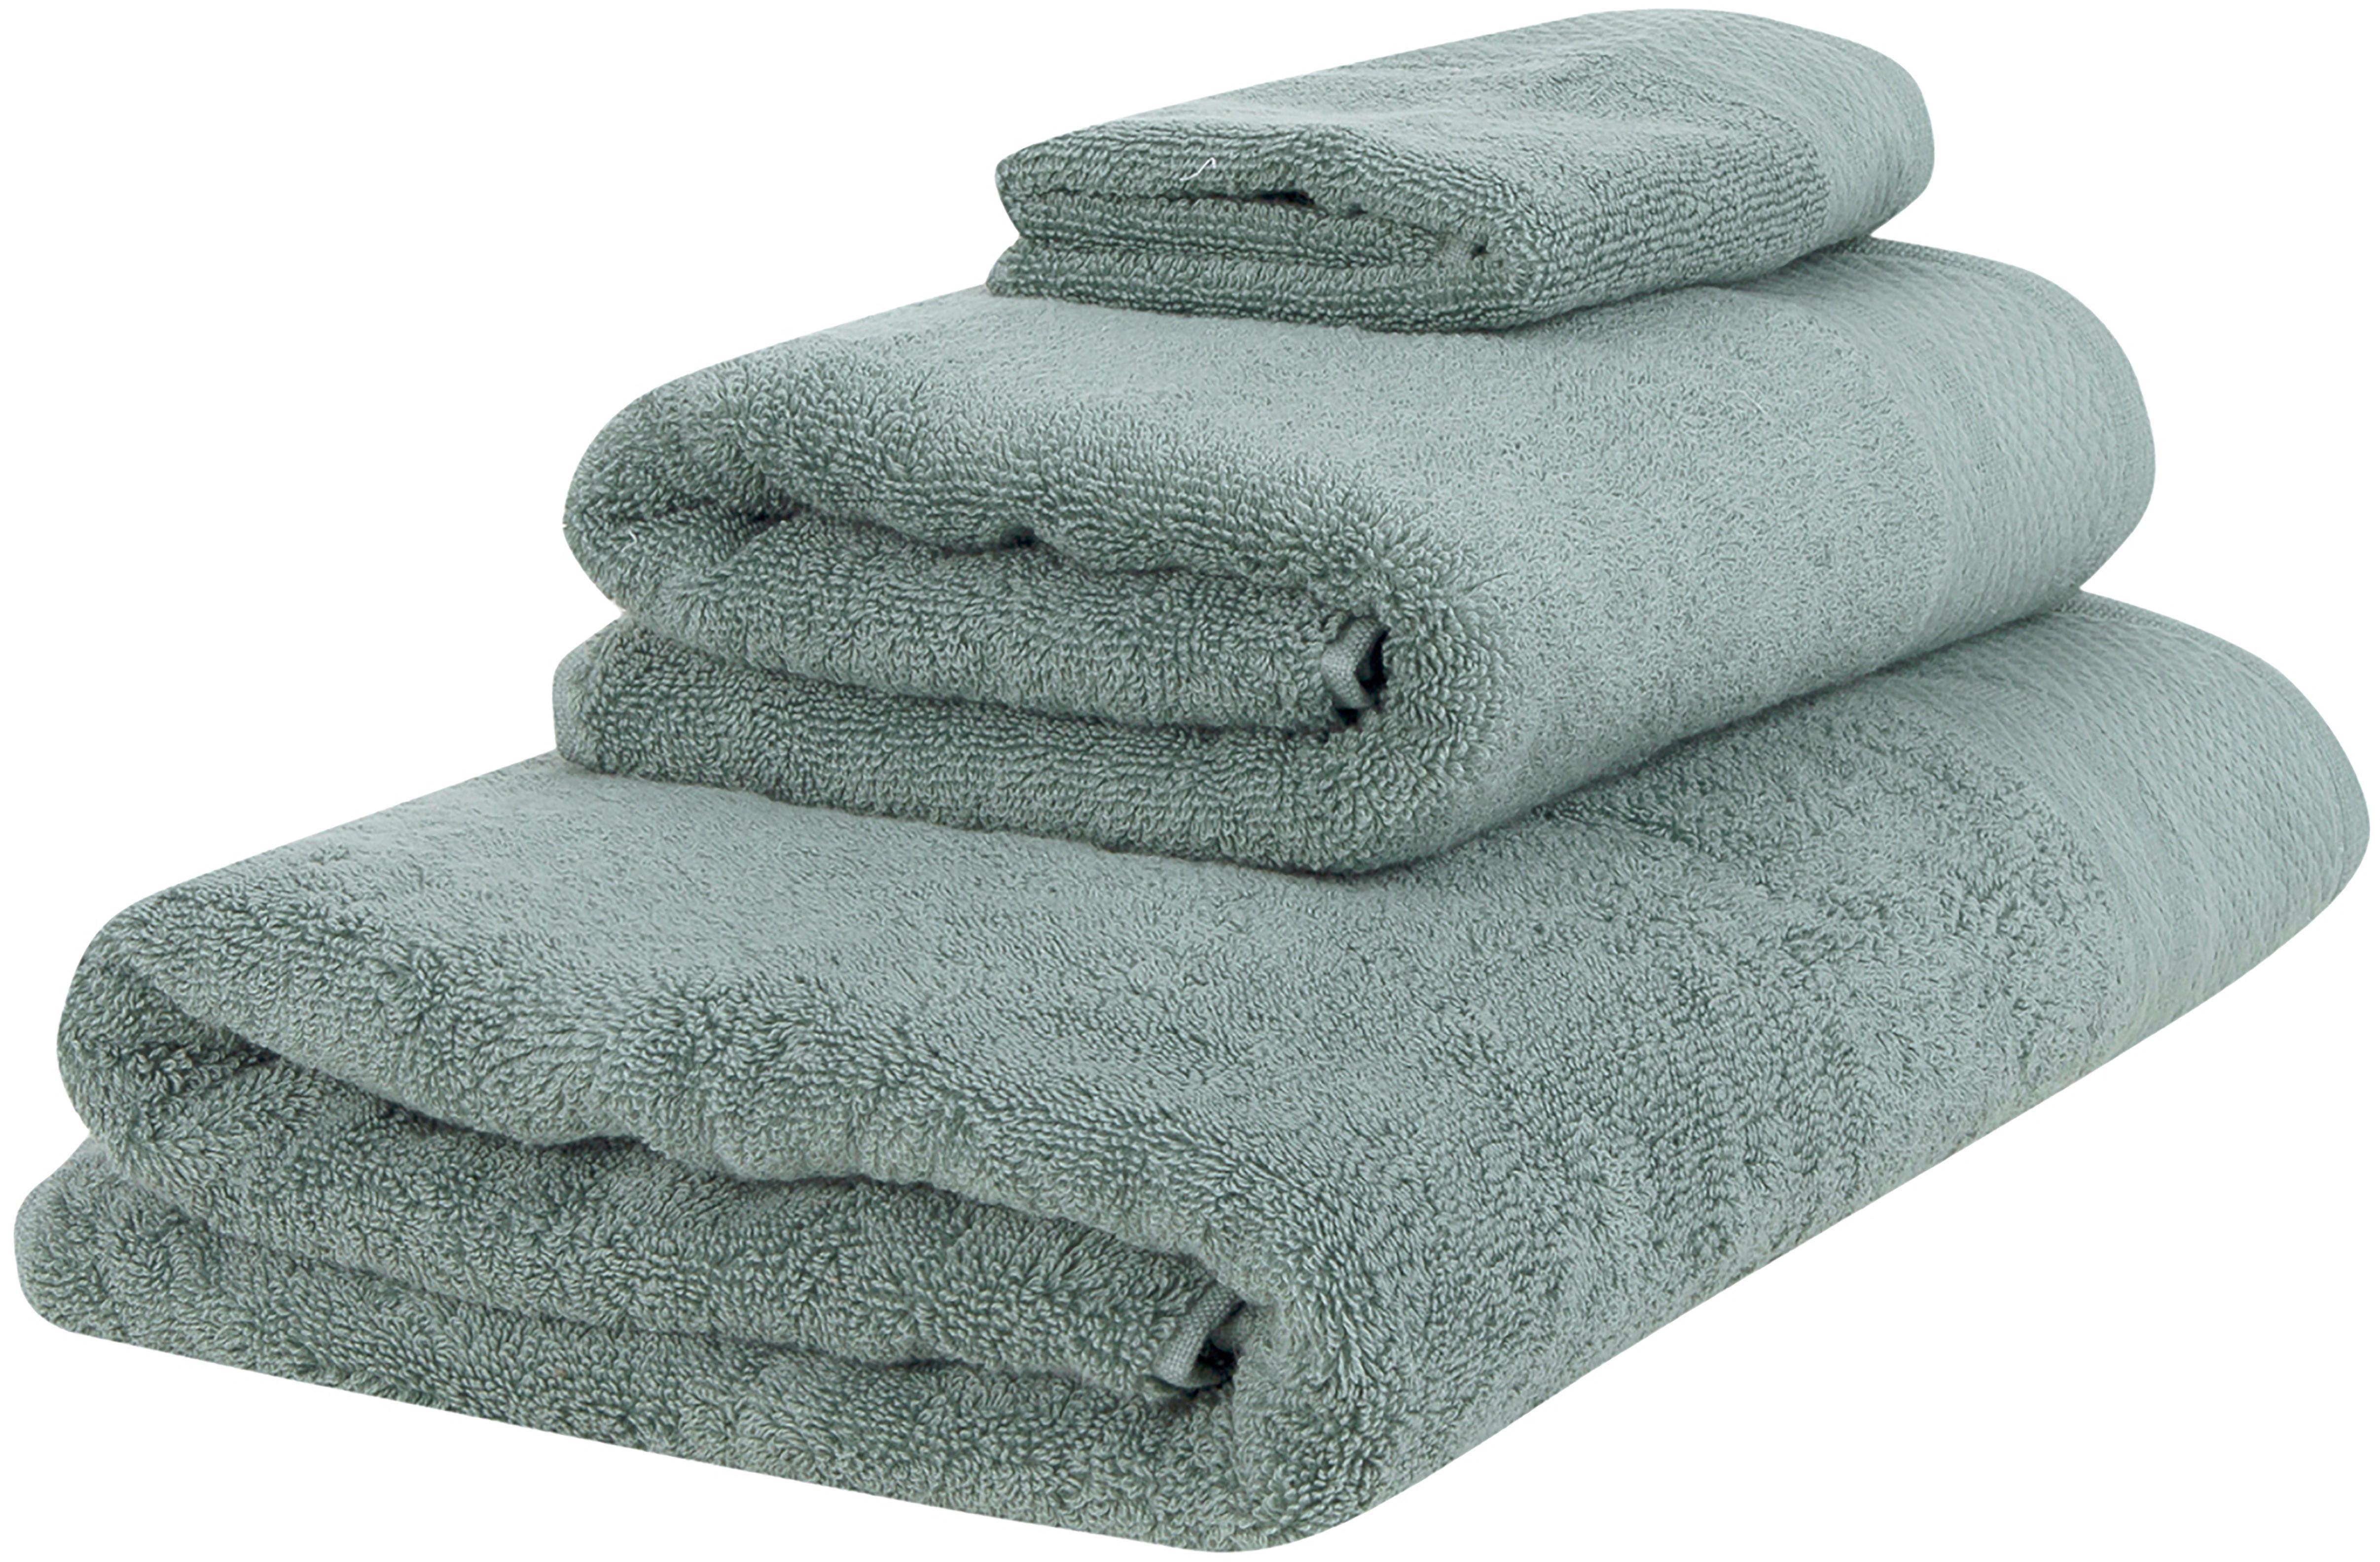 Handtuch-Set Premium mit klassischer Zierbordüre, 3-tlg., Salbeigrün, Verschiedene Grössen